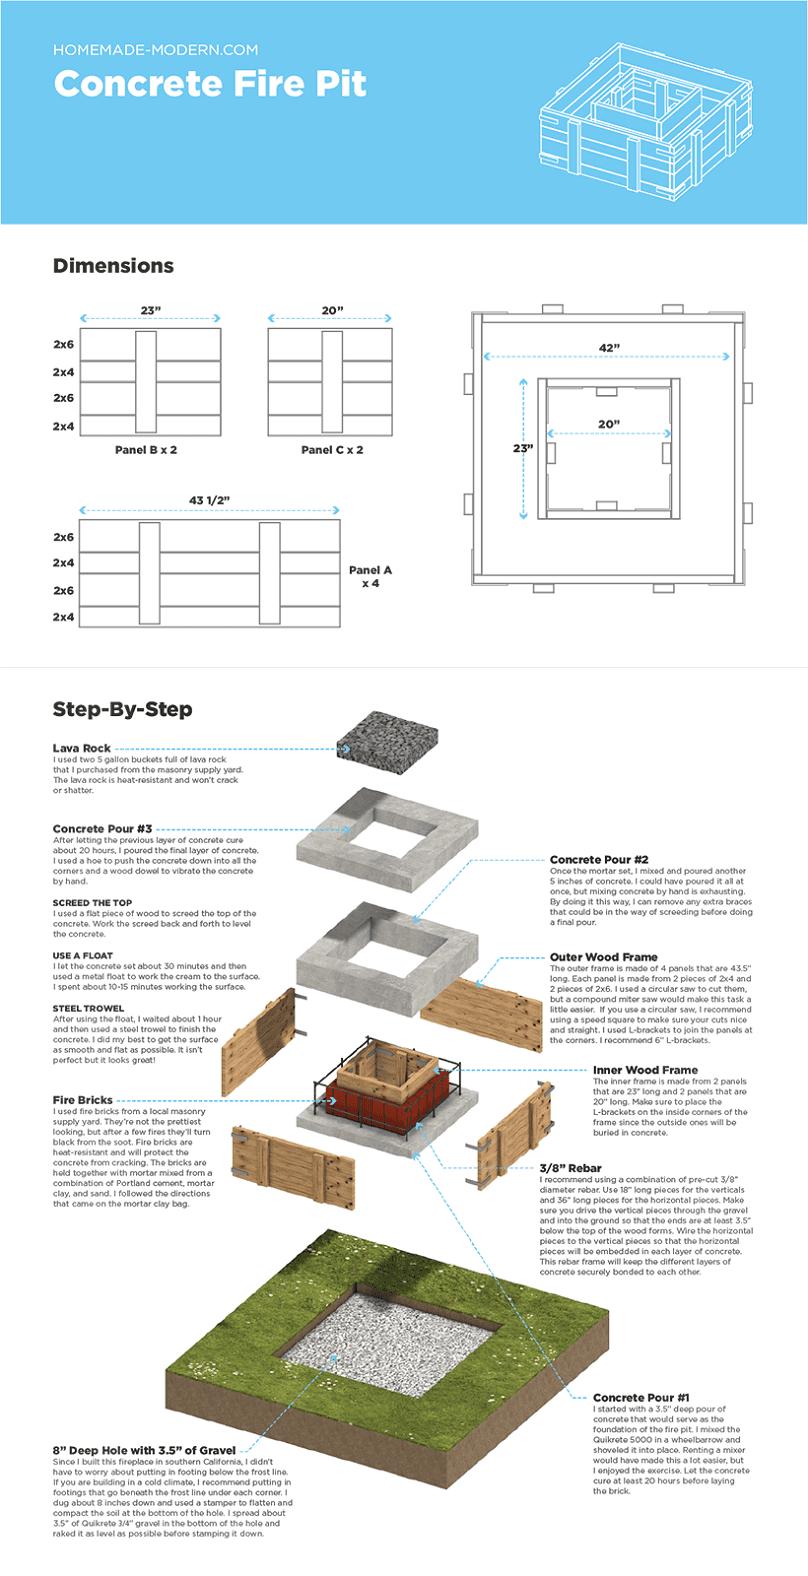 wie man ein modernes firepit baut diy dekorationen. Black Bedroom Furniture Sets. Home Design Ideas